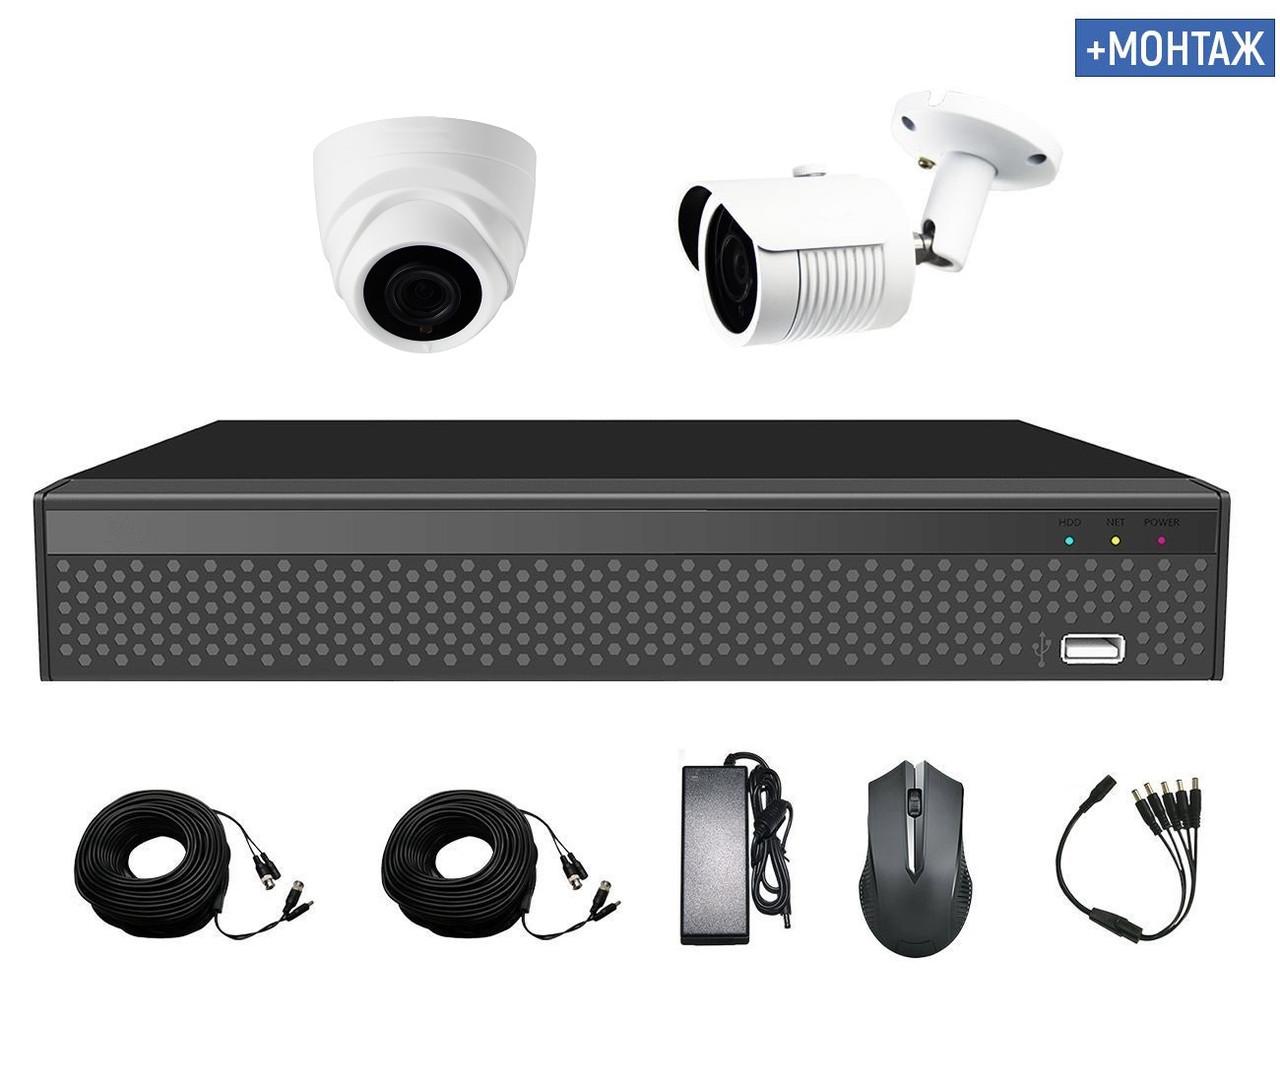 Комплект AHD видеонаблюдения CoVi Security AHD-11WD KIT с установкой